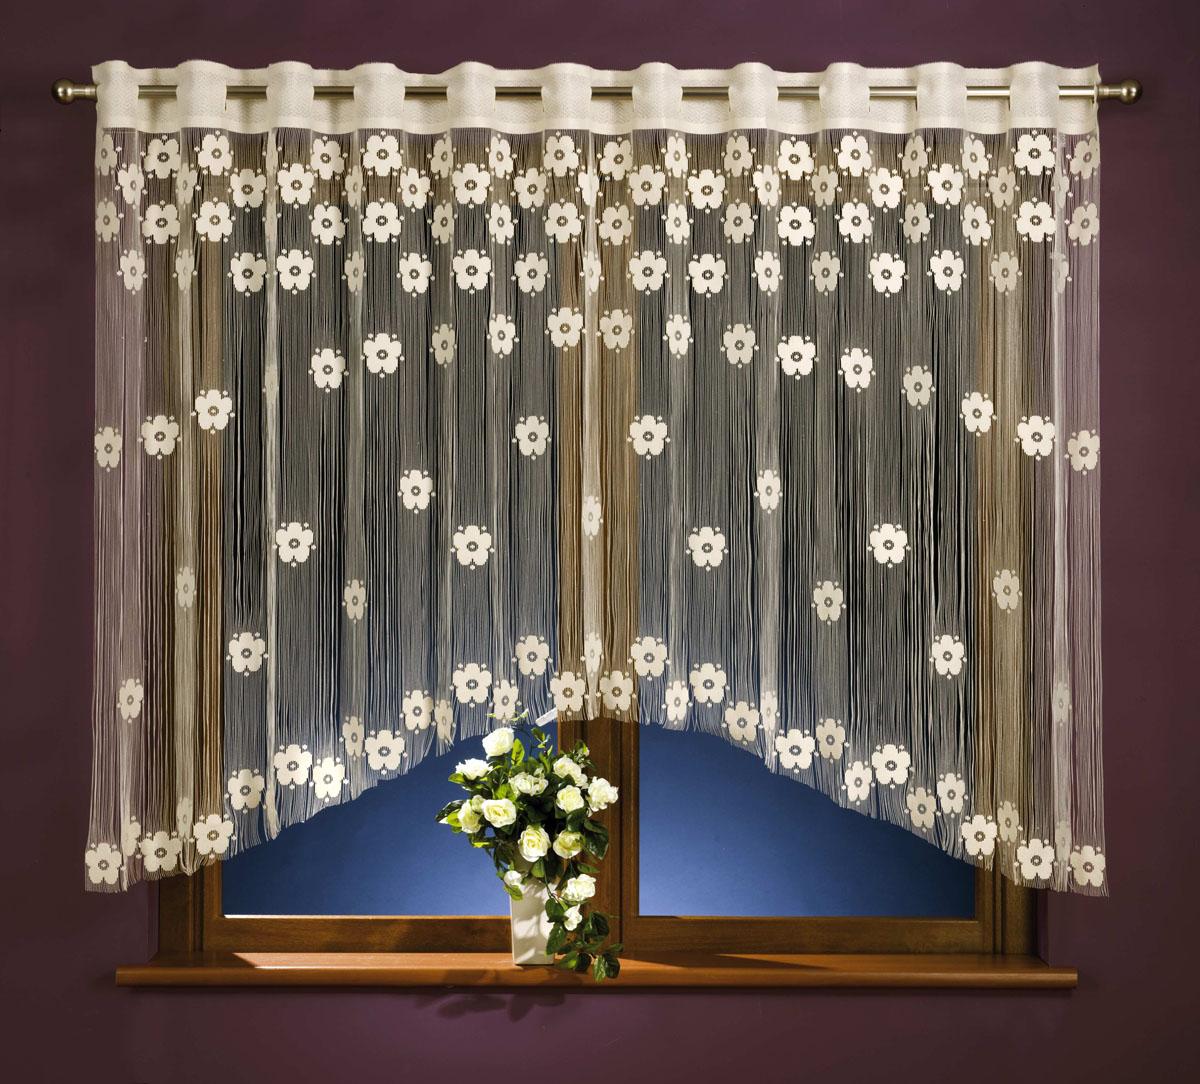 Гардина-лапша Maja, на петлях, цвет: голубой, высота 160 смS03301004Гардина-лапша Maja, изготовленная из полиэстера голубого цвета, станет великолепным украшением окна, дверного проема и прекрасно послужит для разграничения пространства. Необычный дизайн и яркое оформление привлечет к себе внимание и органично впишется в интерьер помещения.Гардина-лапша оснащена петлями для крепления на круглый карниз. Характеристики:Материал: 100% полиэстер. Цвет: голубой. Размер упаковки:26 см х 37 см х 4 см. Артикул: 677580. В комплект входит: Гардина-лапша - 1 шт. Размер (ШхВ): 270 см х 160 см. Фирма Wisan на польском рынке существует уже более пятидесяти лет и является одной из лучших польских фабрик по производству штор и тканей. Ассортимент фирмы представлен готовыми комплектами штор для гостиной, детской, кухни, а также текстилем для кухни (скатерти, салфетки, дорожки, кухонные занавески). Модельный ряд отличает оригинальный дизайн, высокое качество. Ассортимент продукции постоянно пополняется.УВАЖАЕМЫЕ КЛИЕНТЫ!Обращаем ваше внимание на цвет изделия. Цветовой вариант гардины-лапши, данной в интерьере, служит для визуального восприятия товара. Цветовая гамма данной гардины-лапши представлена на отдельном изображении фрагментом ткани.